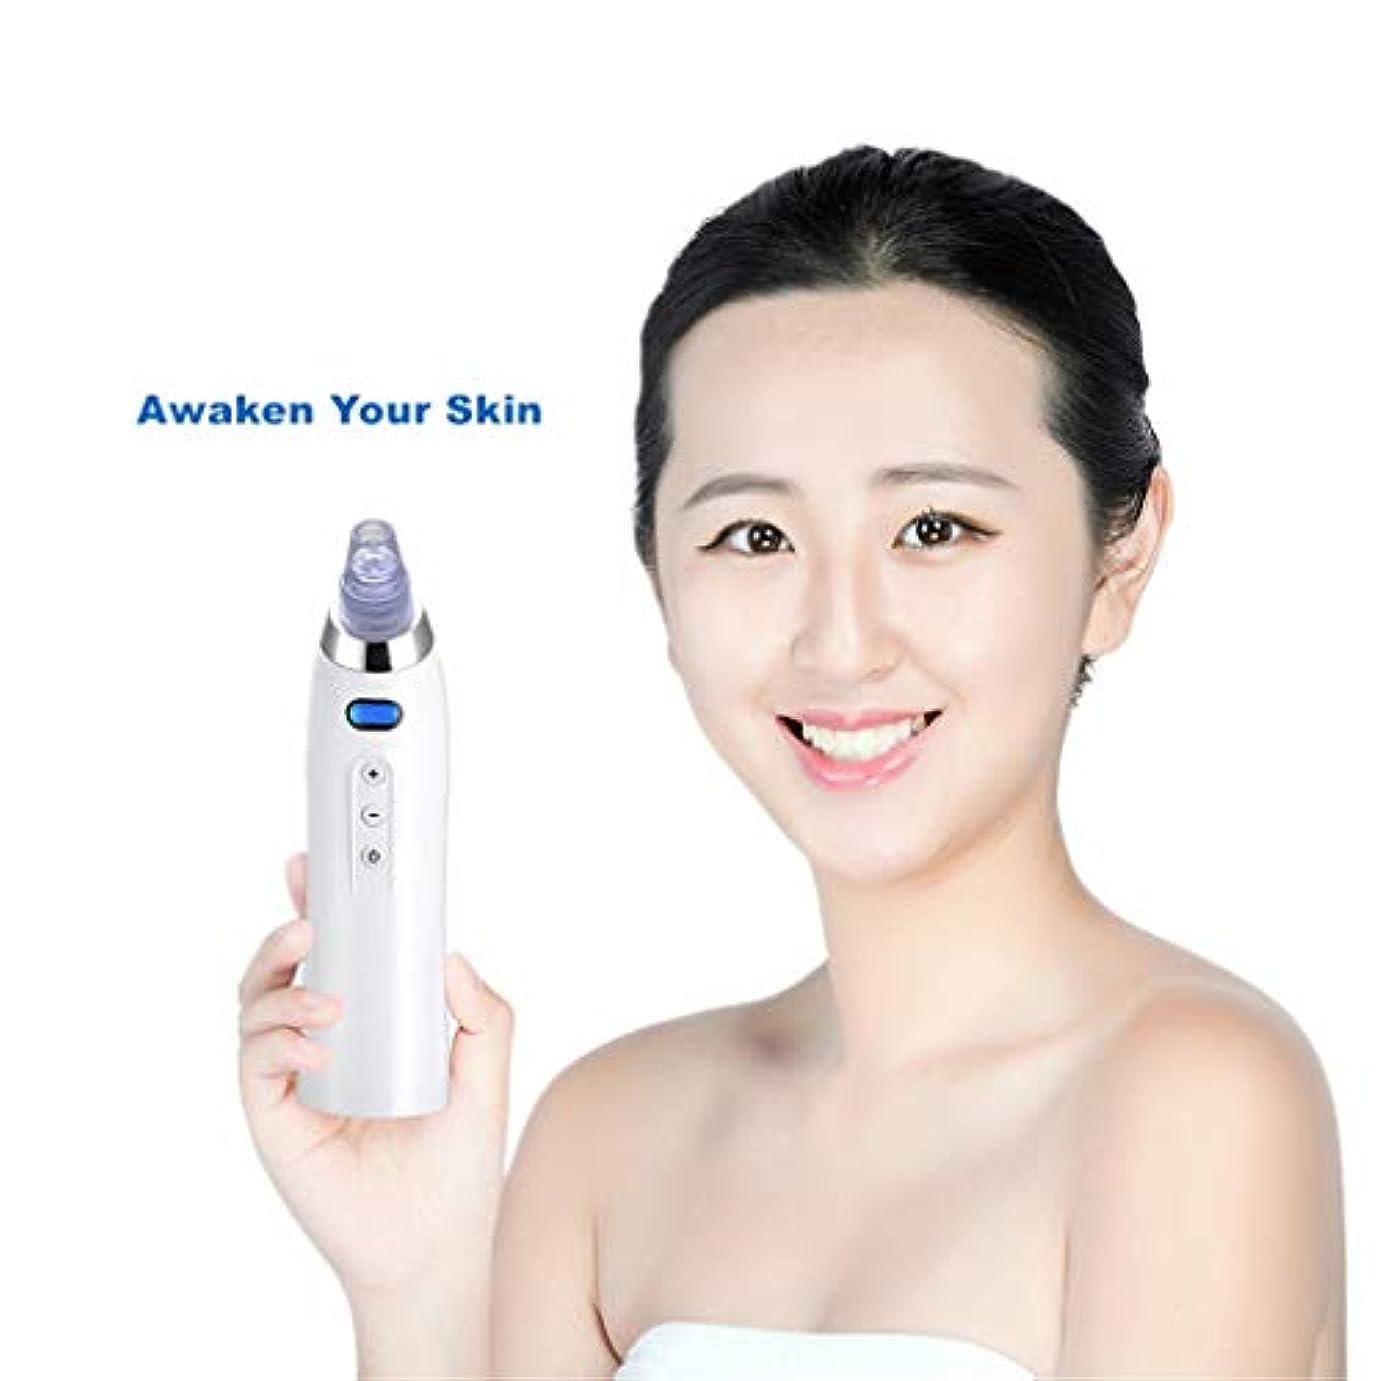 上回る整理する暗殺女性および男性のための5つの調査USB充満が付いている電気にきびの清潔になる真空の気孔の洗剤の顔の心配用具